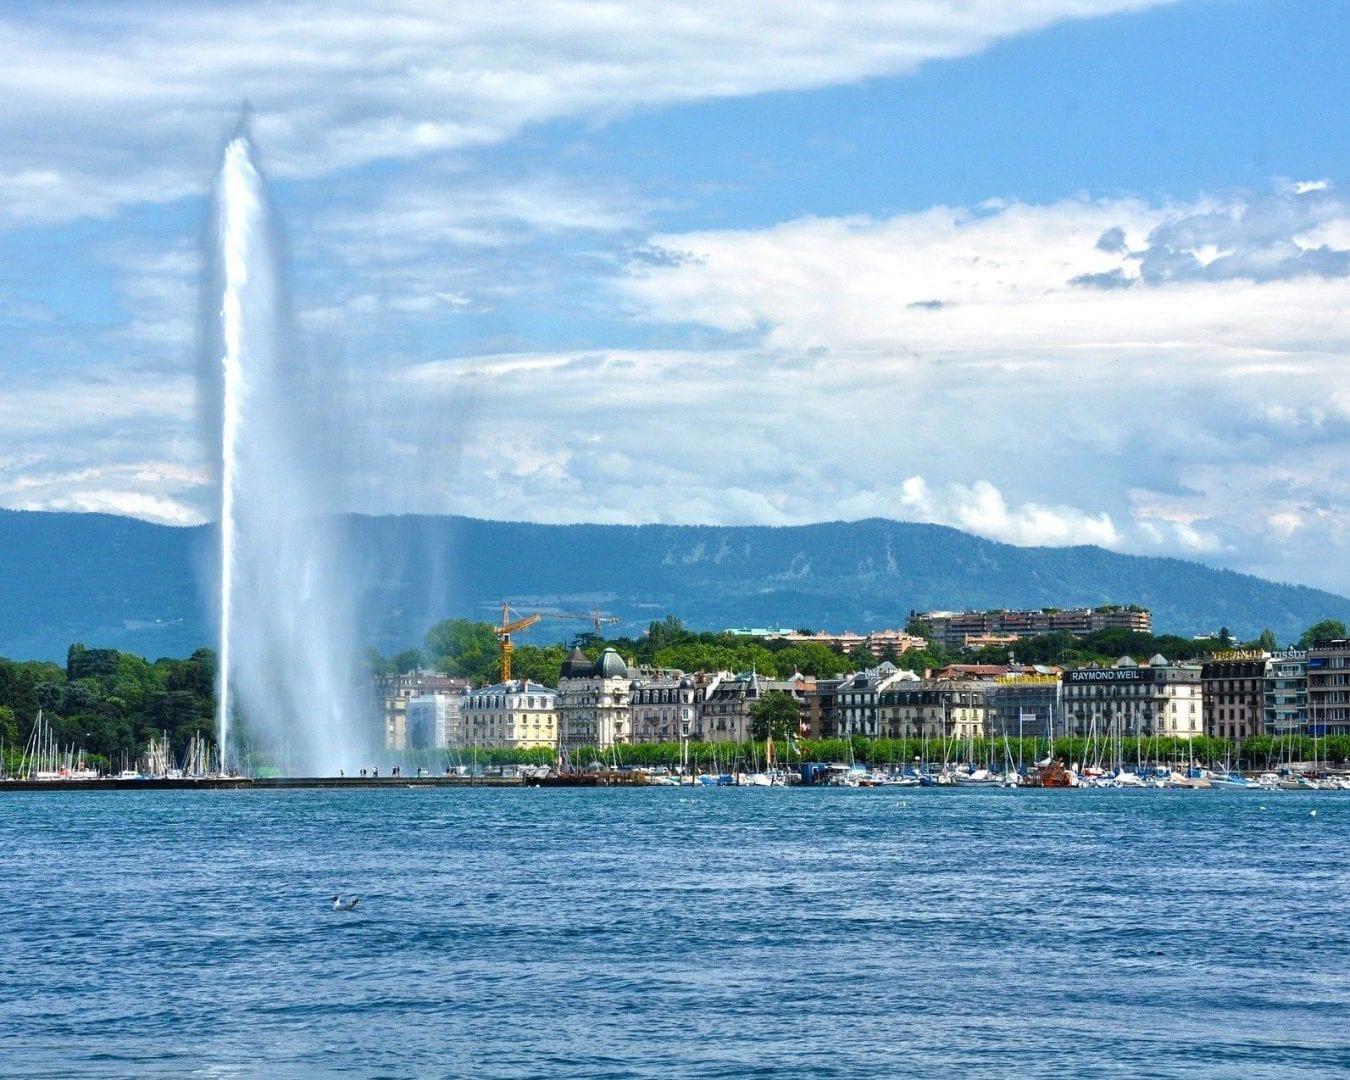 Viaje a Ginebra, con vuelos directos y un hotel de 4 estrellas